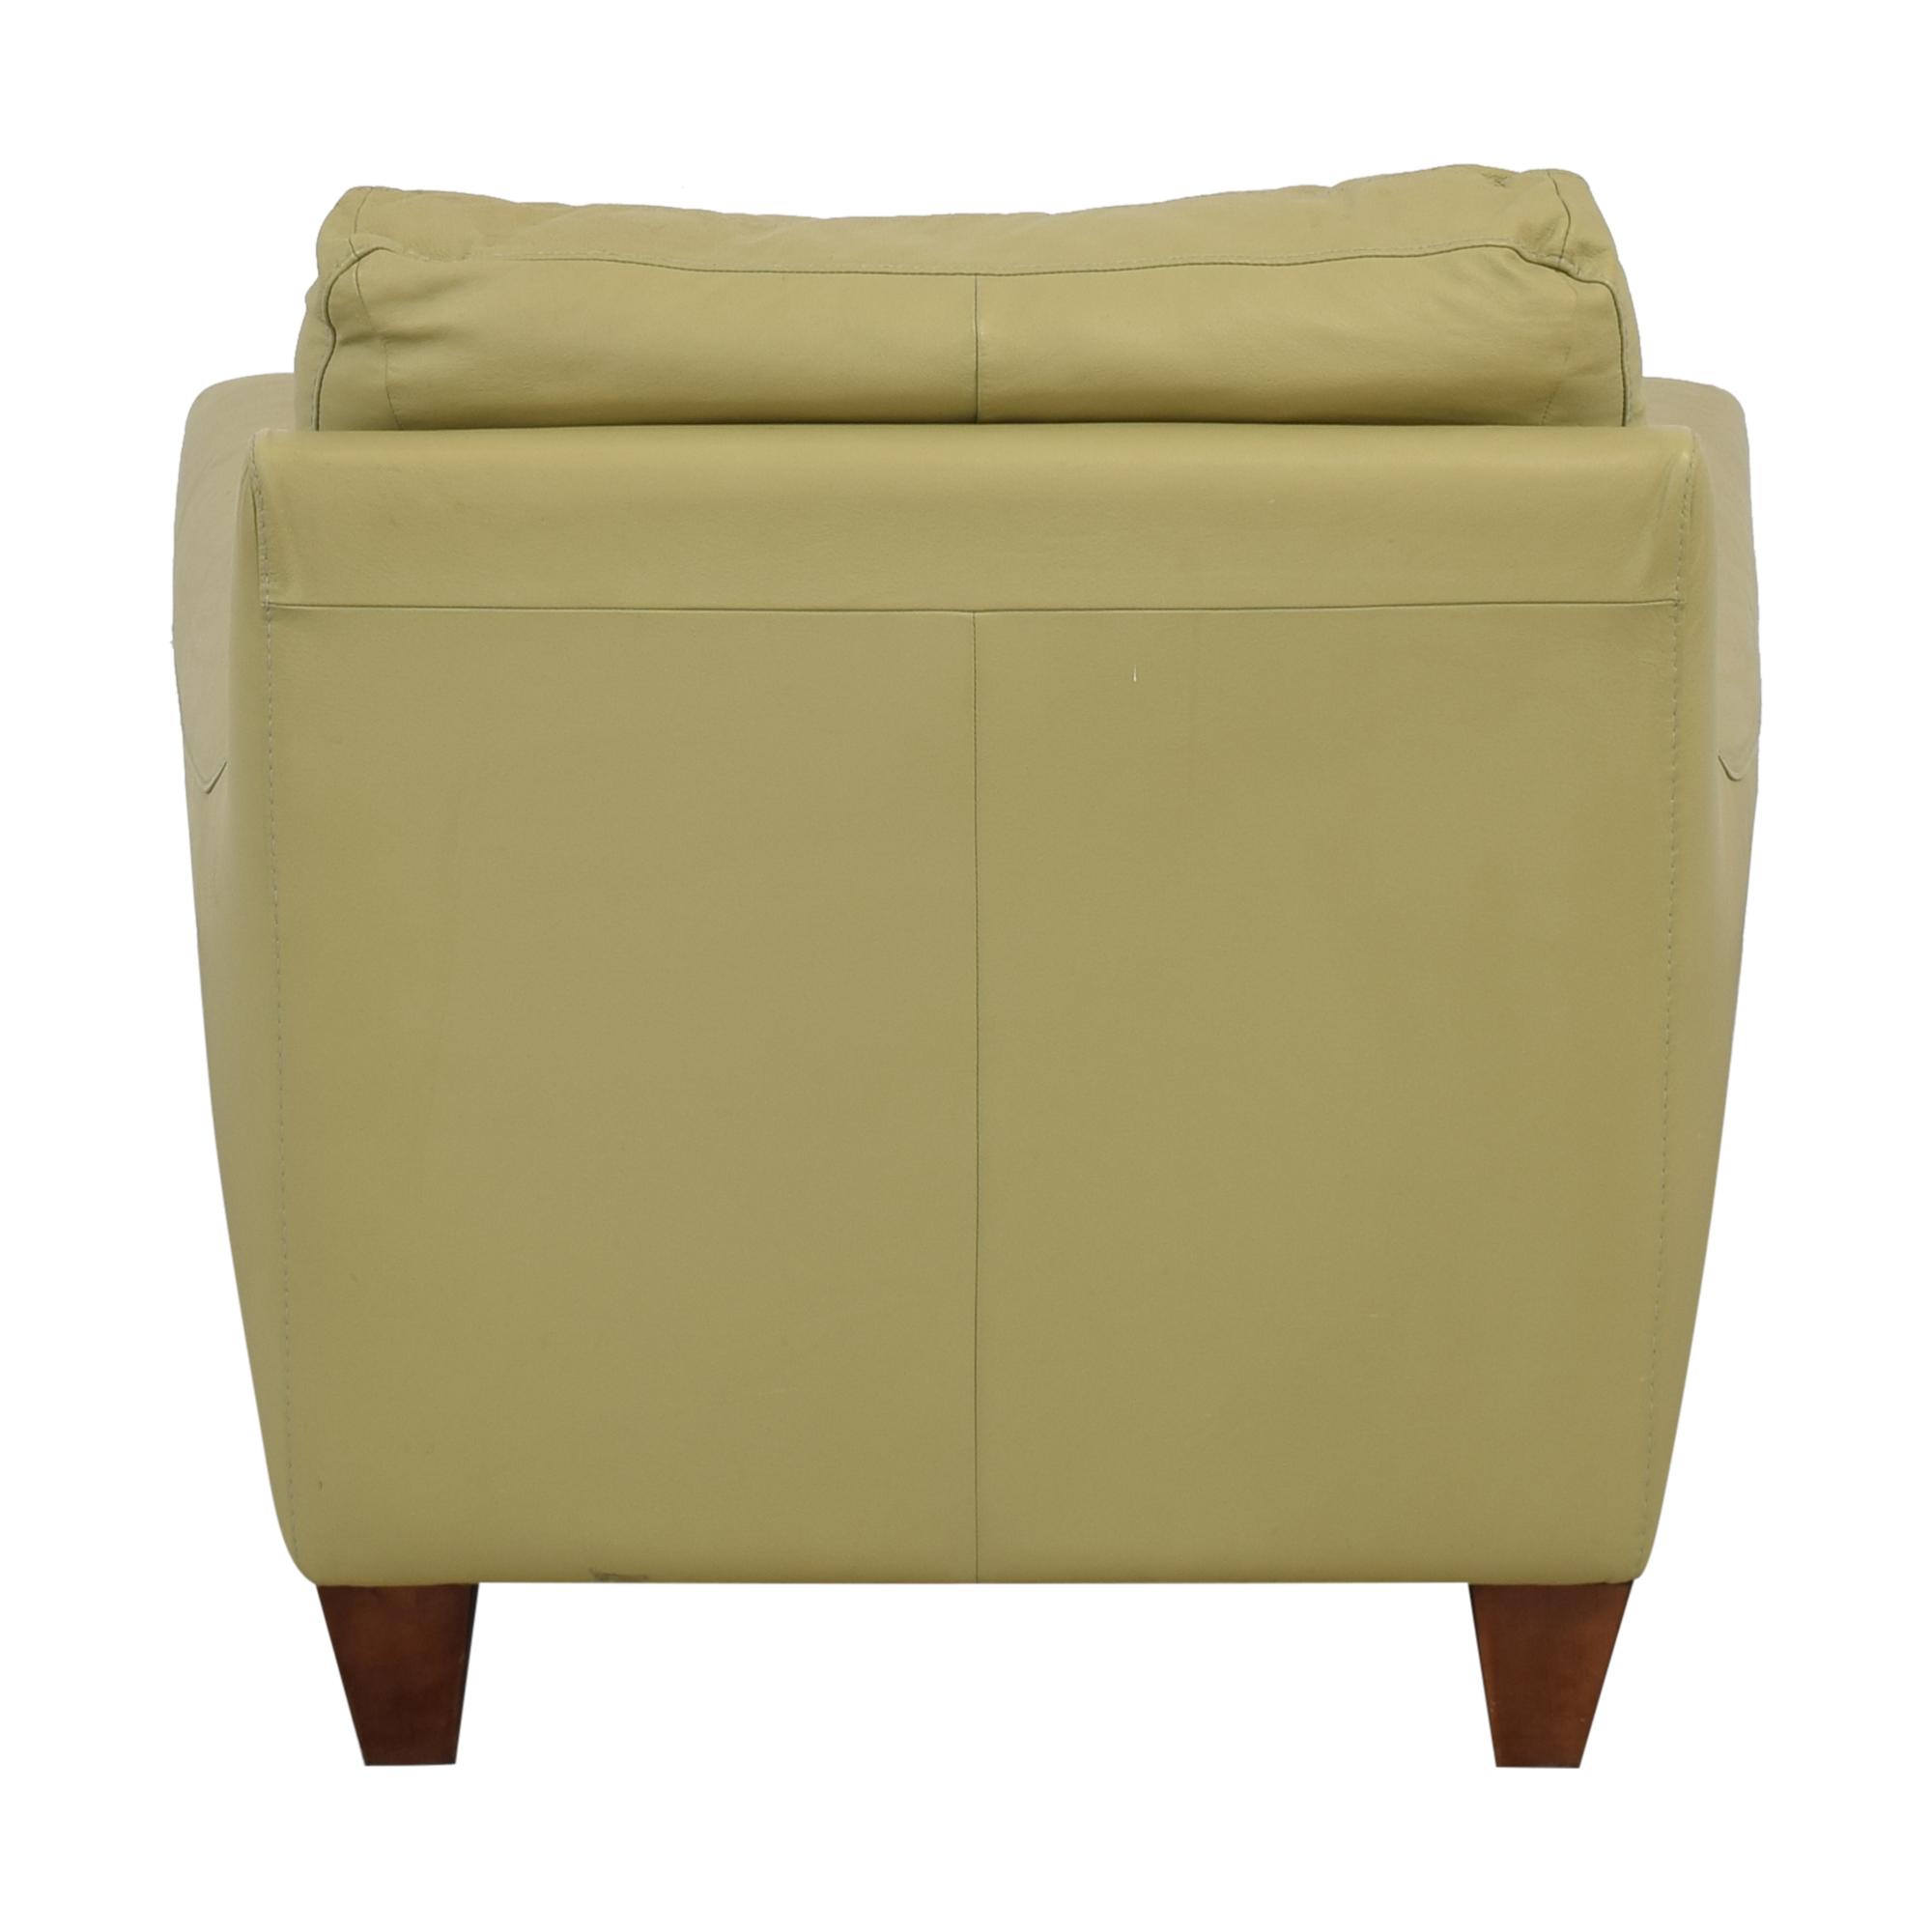 buy Natuzzi Limentra Armchair Natuzzi Chairs